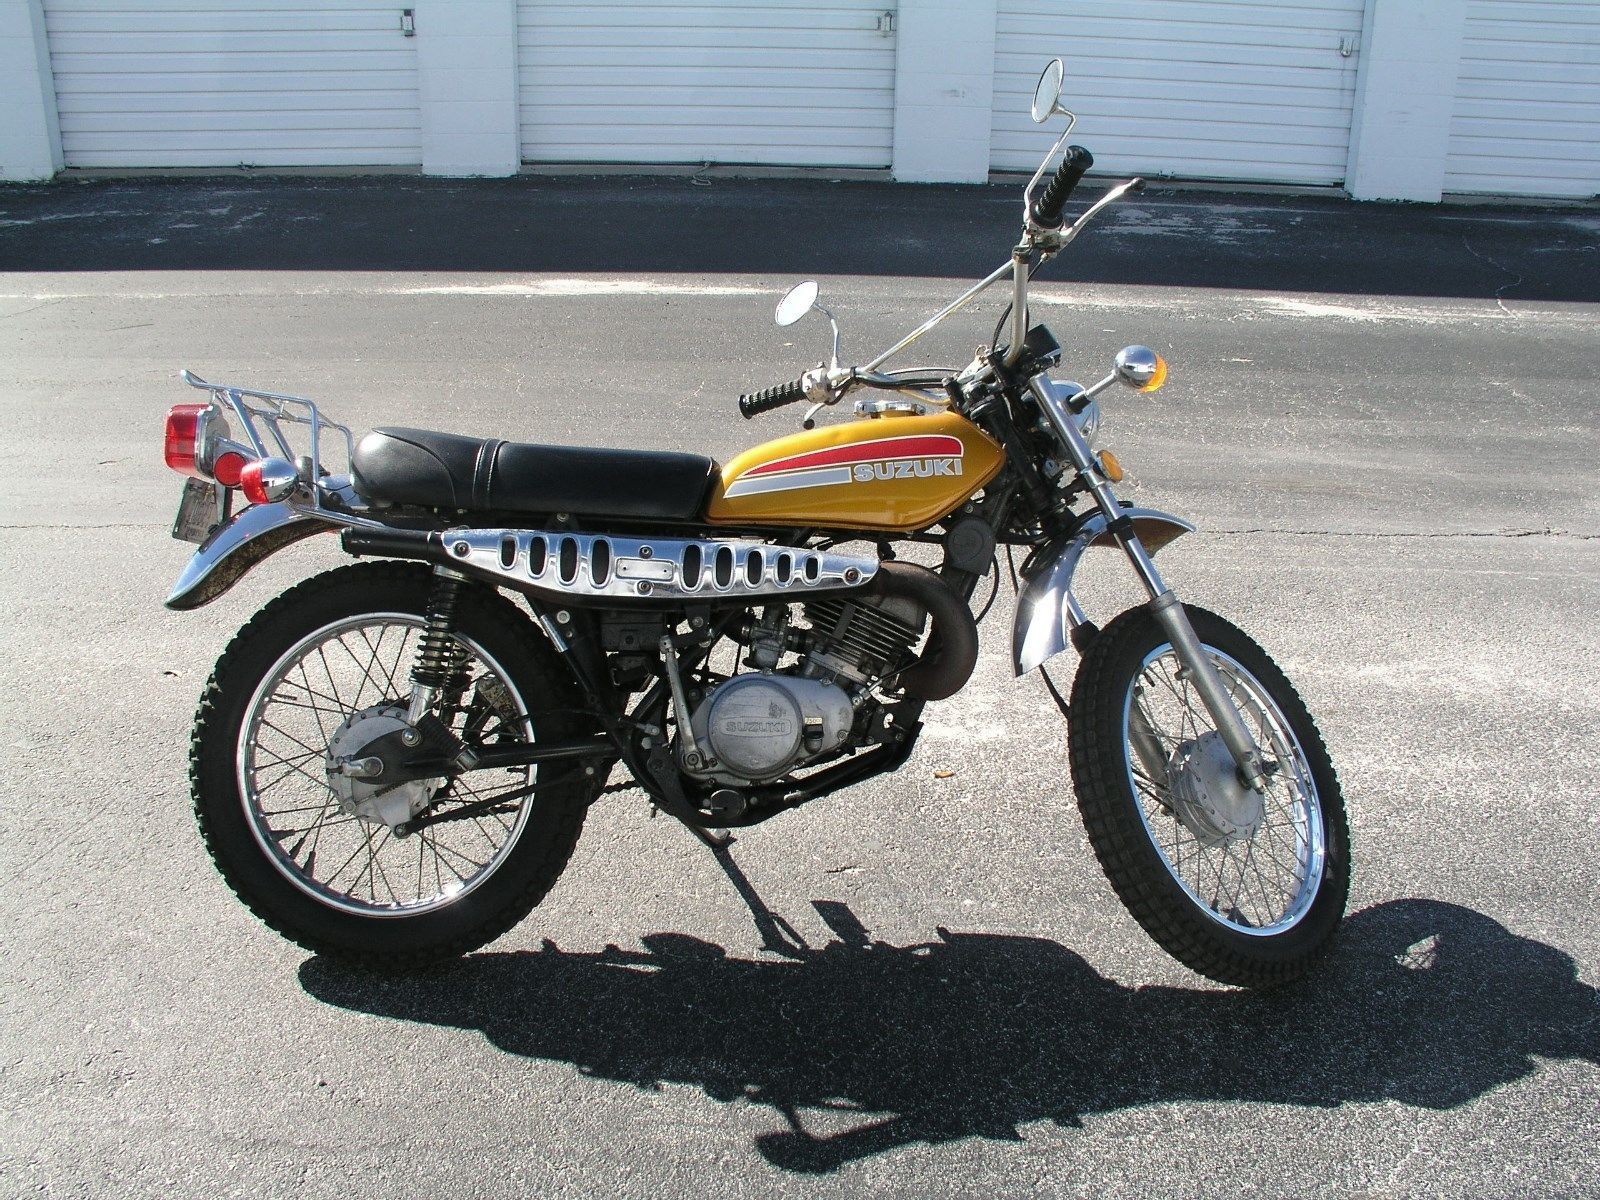 1974 Suzuki TC 185 1974 Suzuki TS 185 TC185 Enduro Street Trail